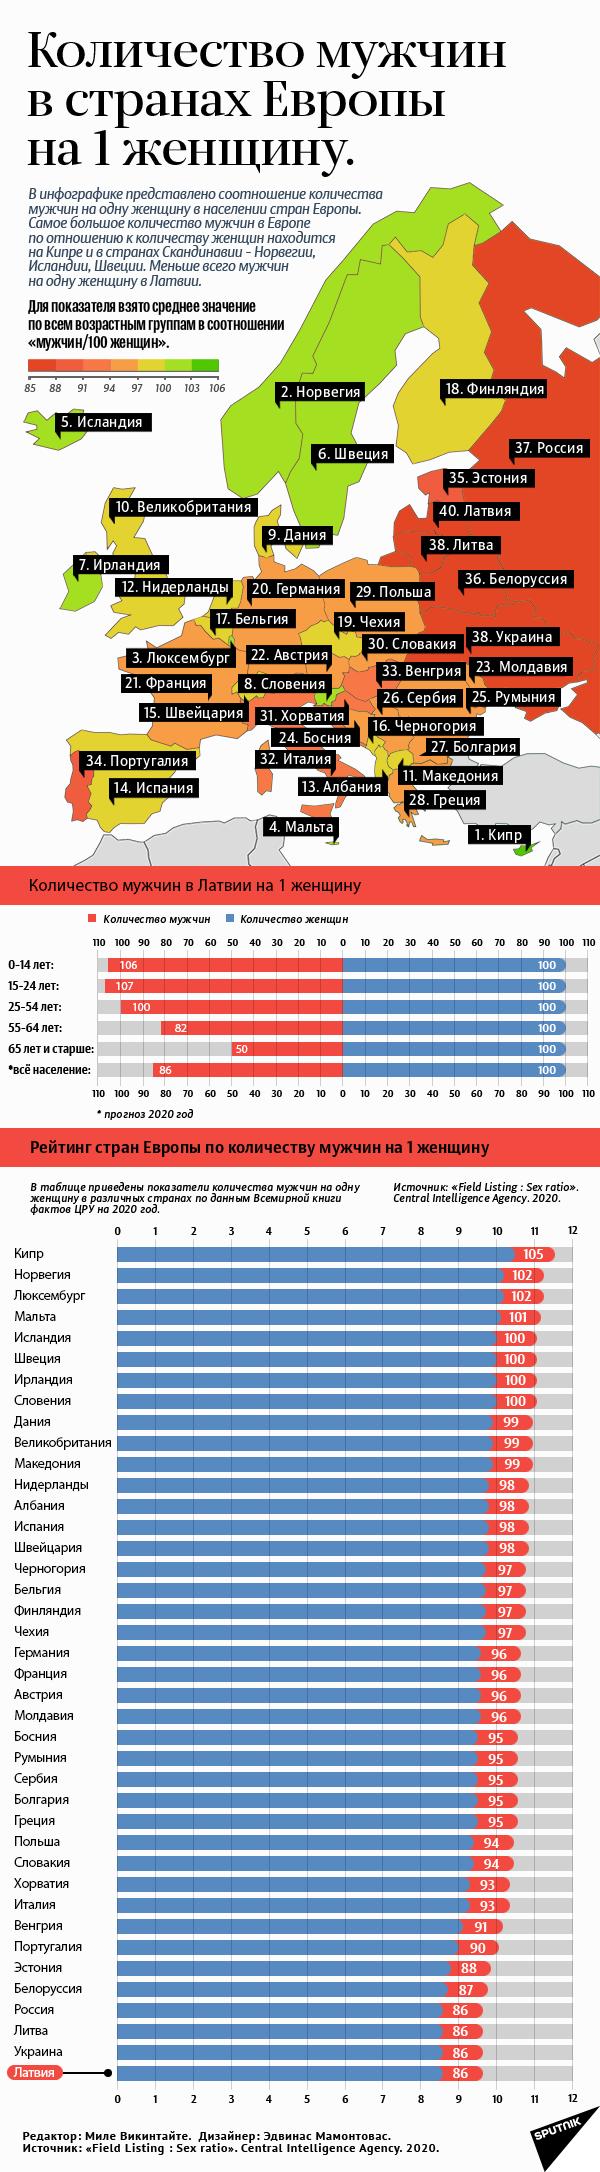 Количество мужчин в странах Европы - Sputnik Латвия